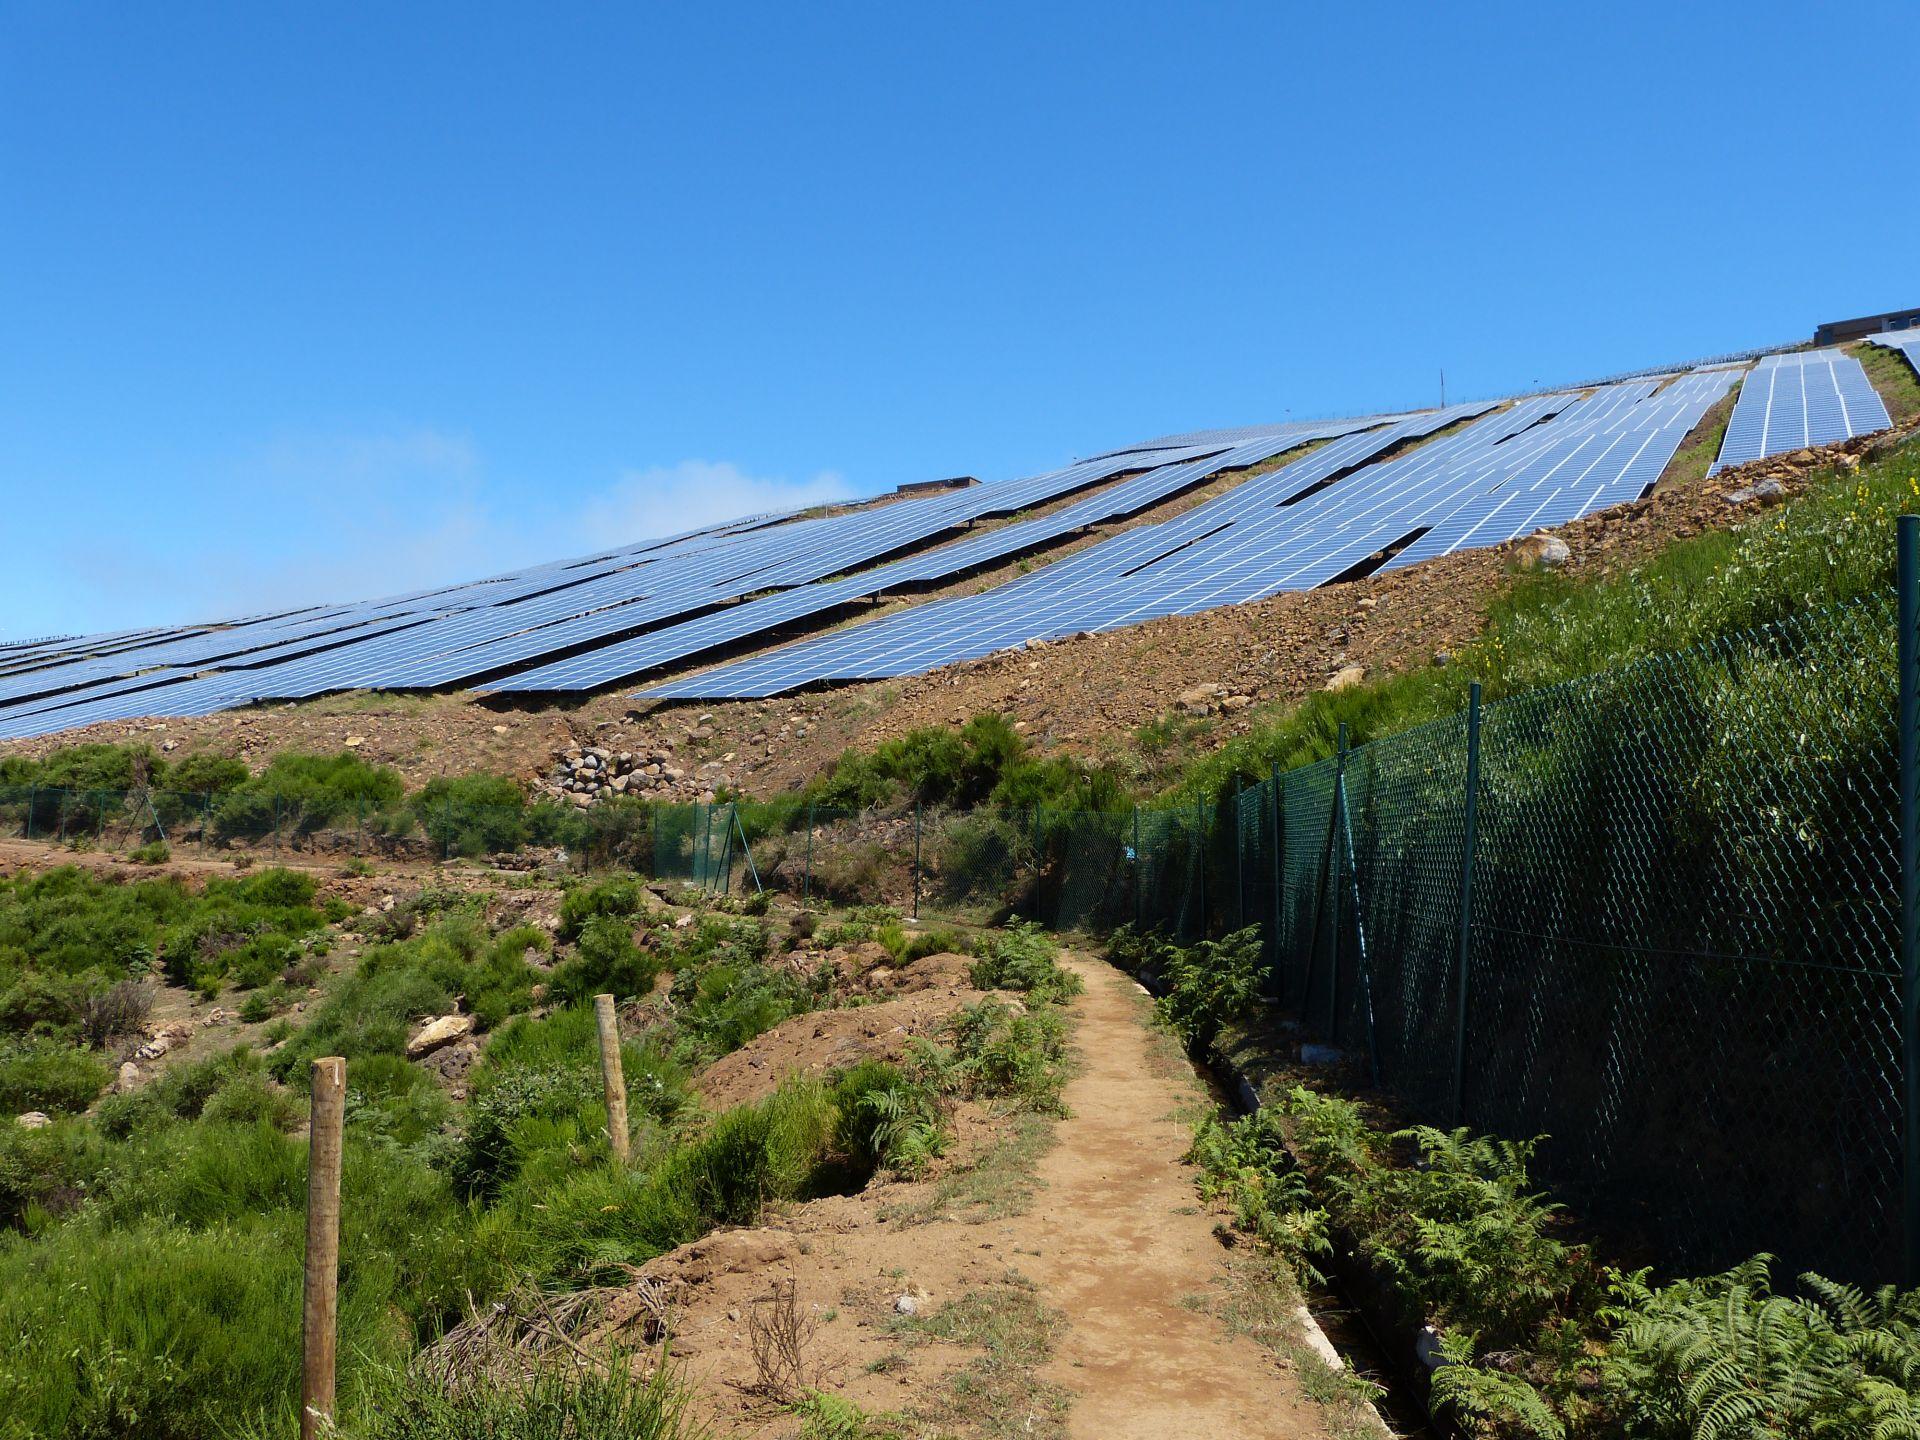 Diese riesige Solaranlage ist wohl neu